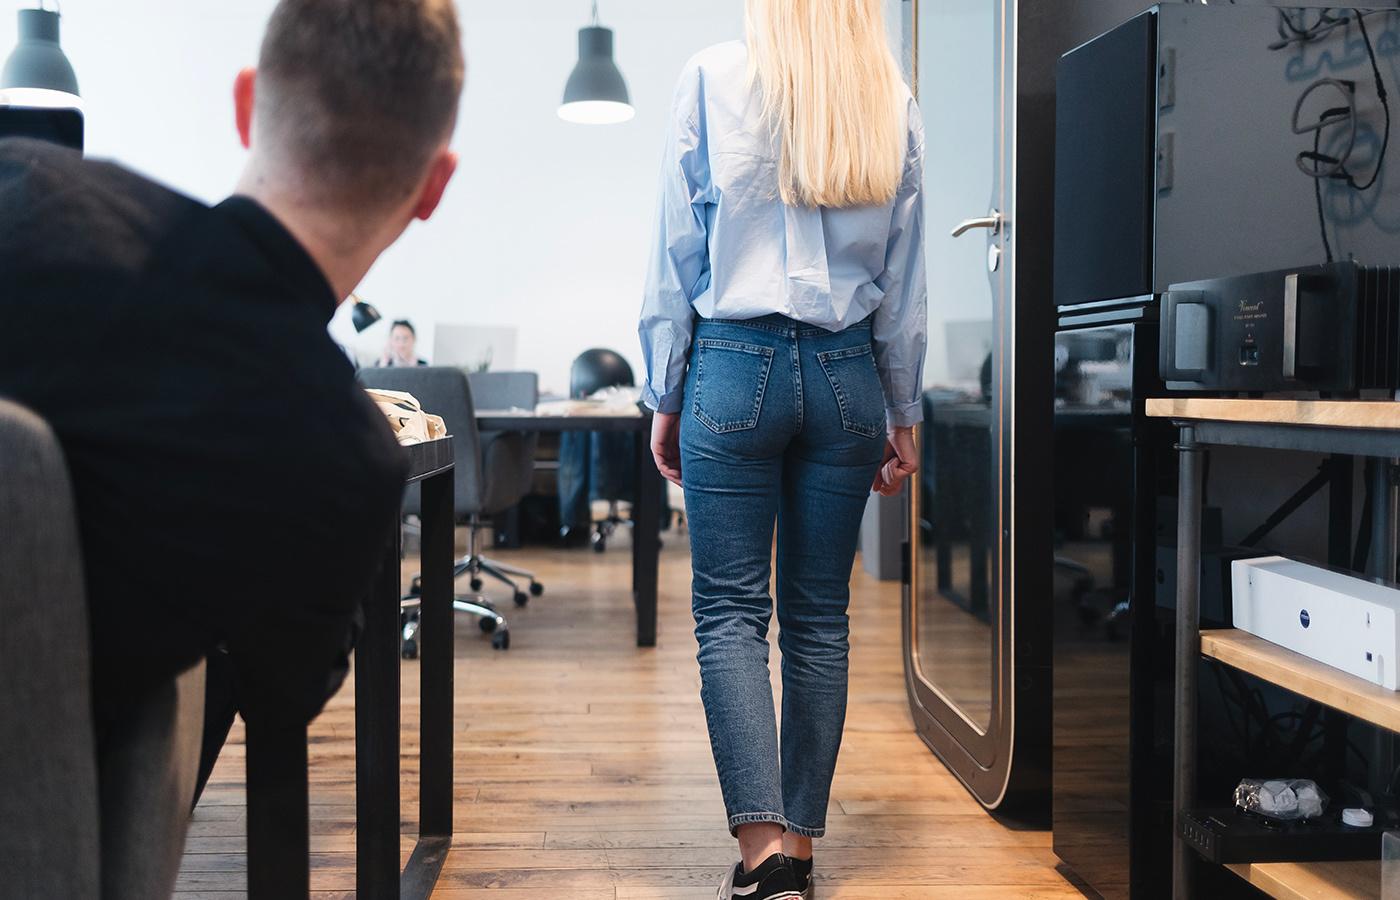 Sexisme ordinaire en entreprise : présentation, loi, exemples...